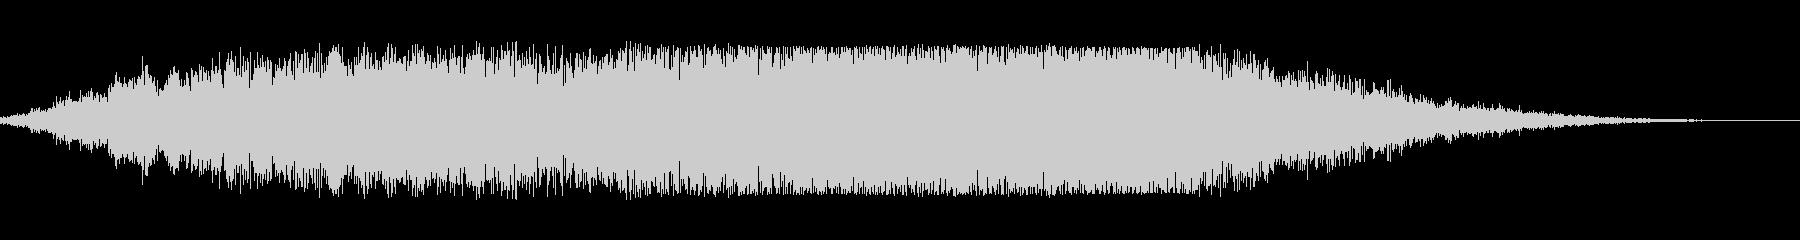 音ロゴ【光】スピリチュアル神秘★波の未再生の波形